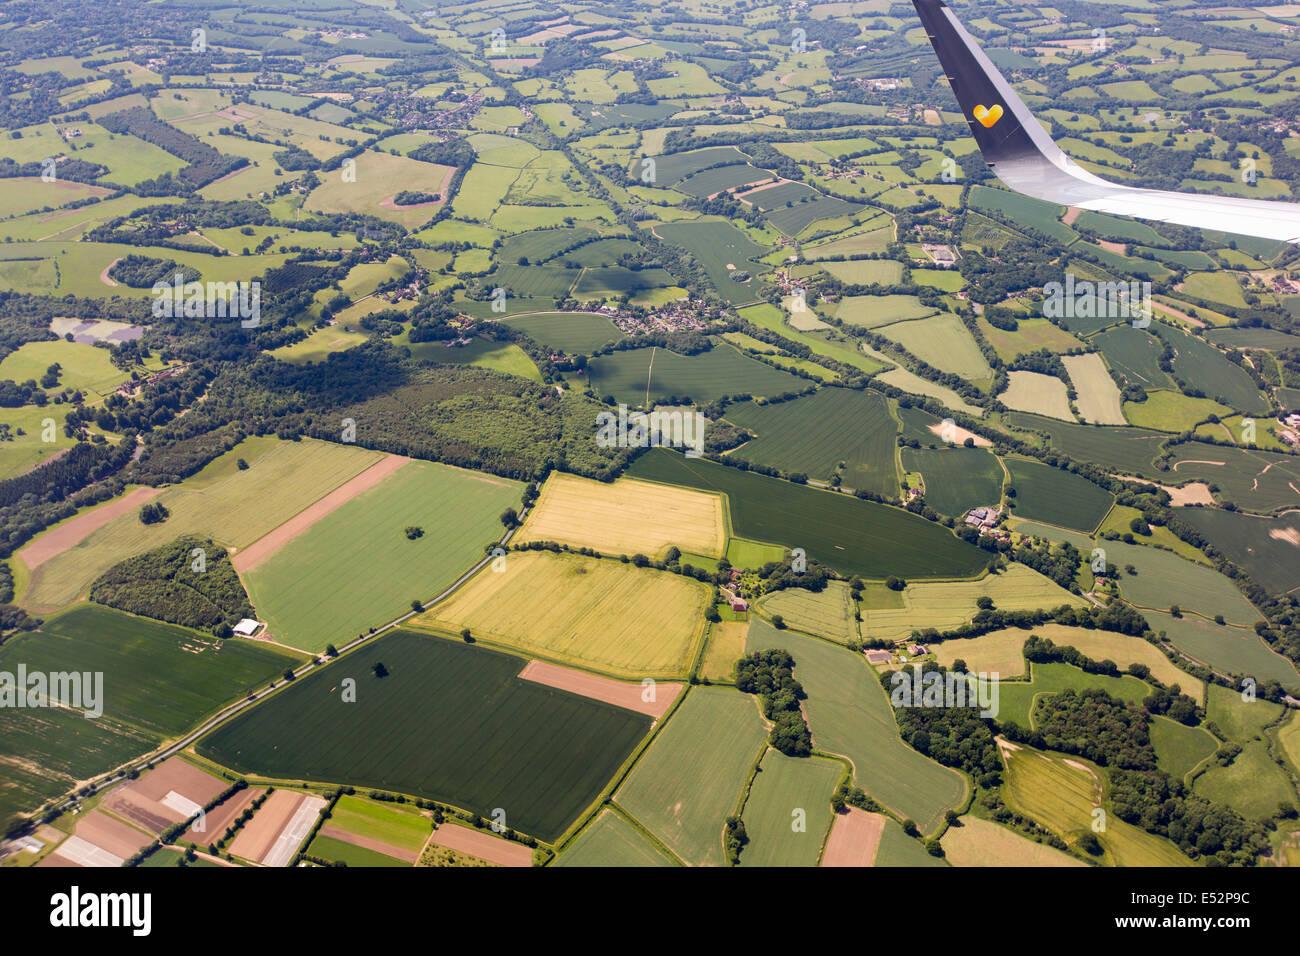 vue sur la campagne anglaise partir d 39 un avion vol banque d 39 images photo stock 71976168 alamy. Black Bedroom Furniture Sets. Home Design Ideas